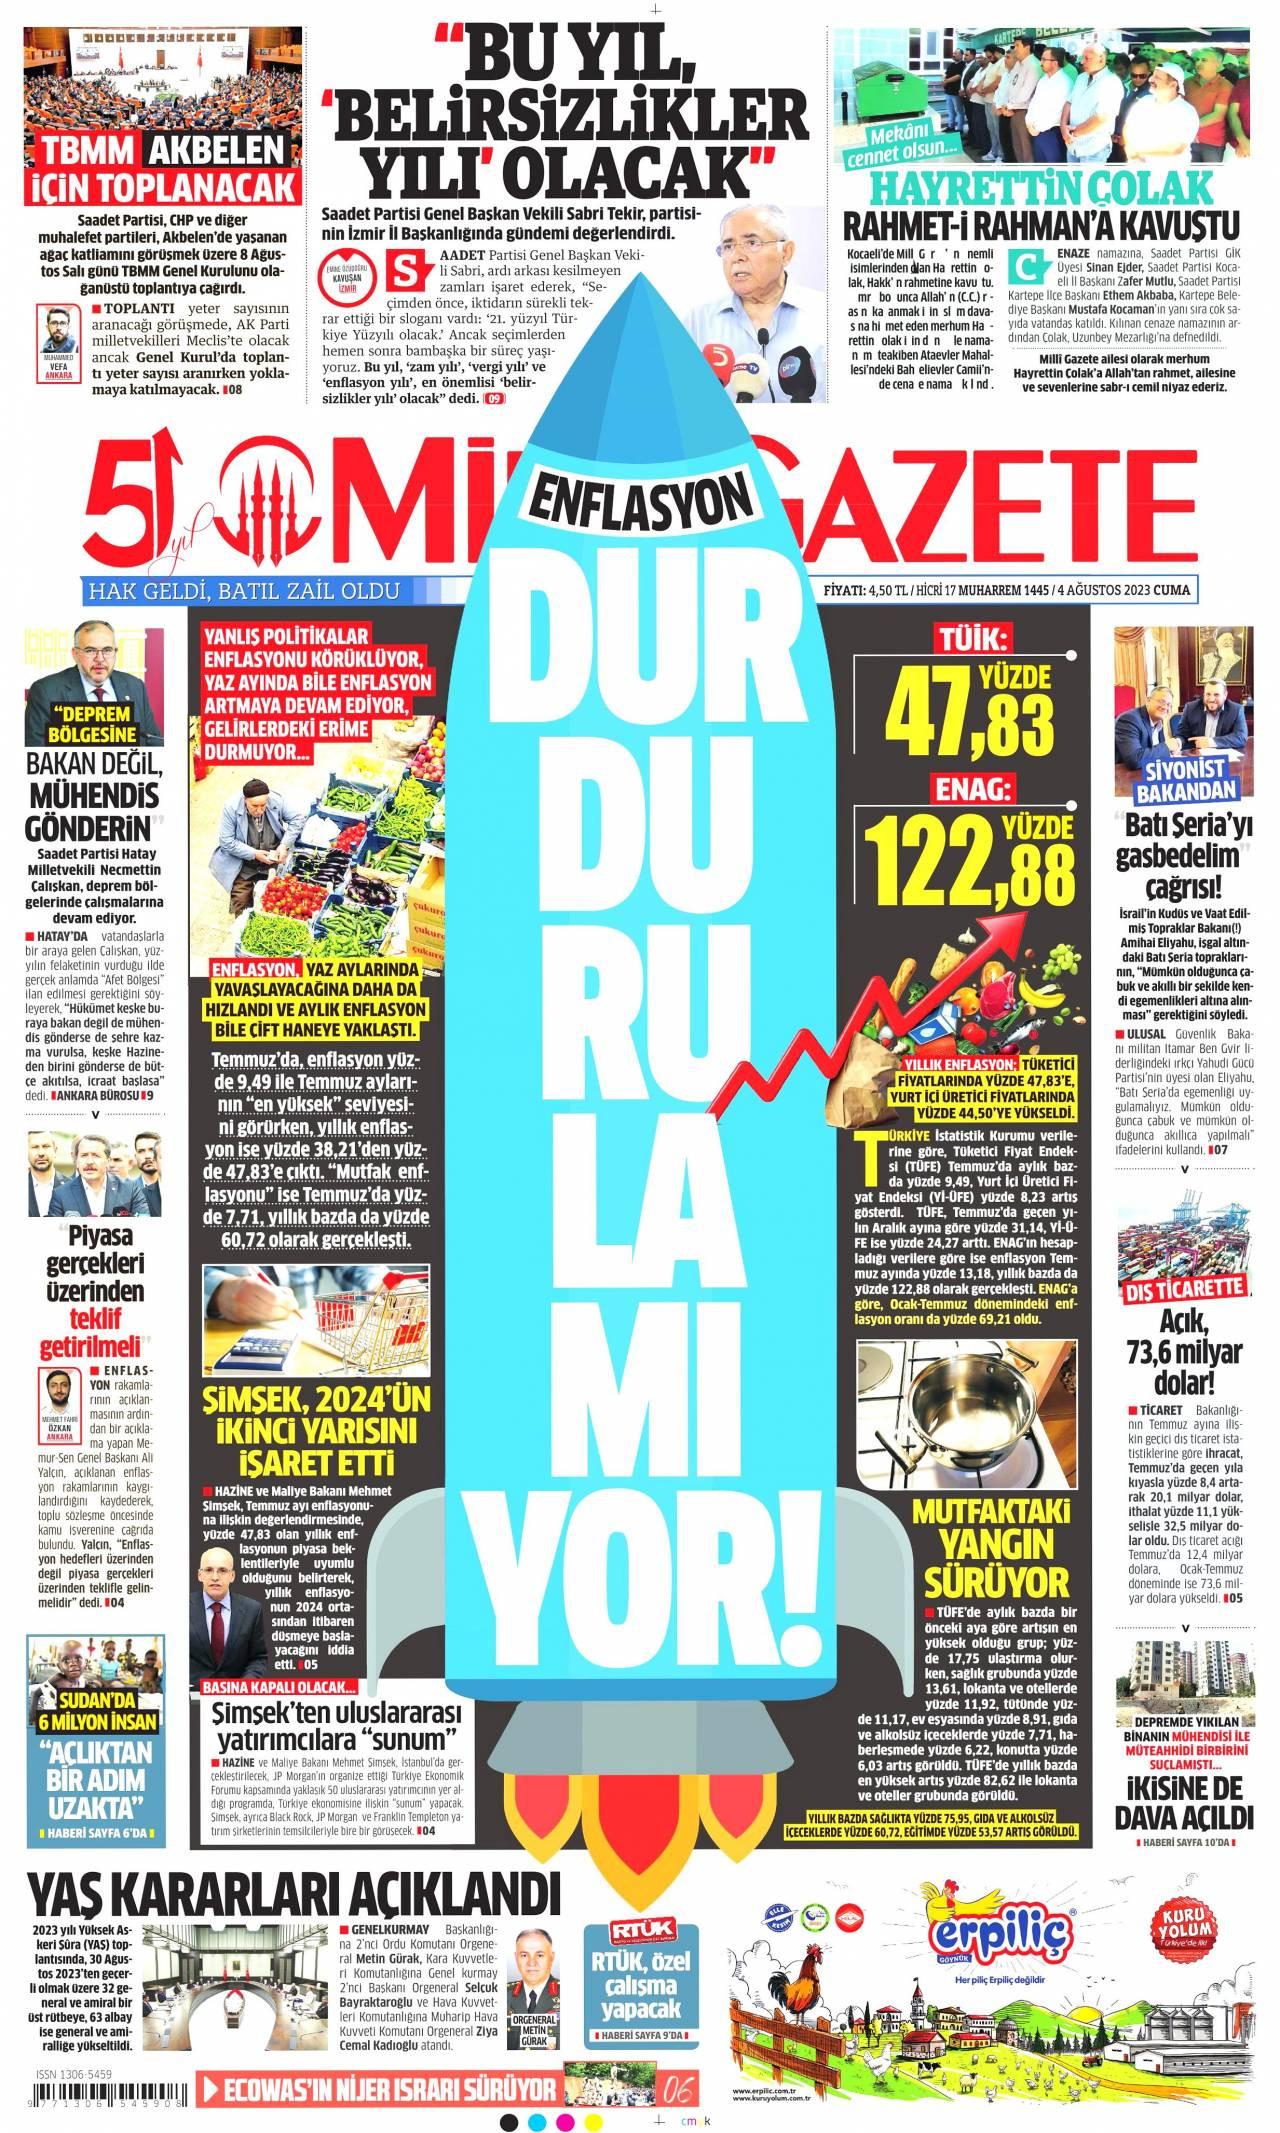 13.12.2017 tarihli Milli Gazete gazetesinin 1. sayfası